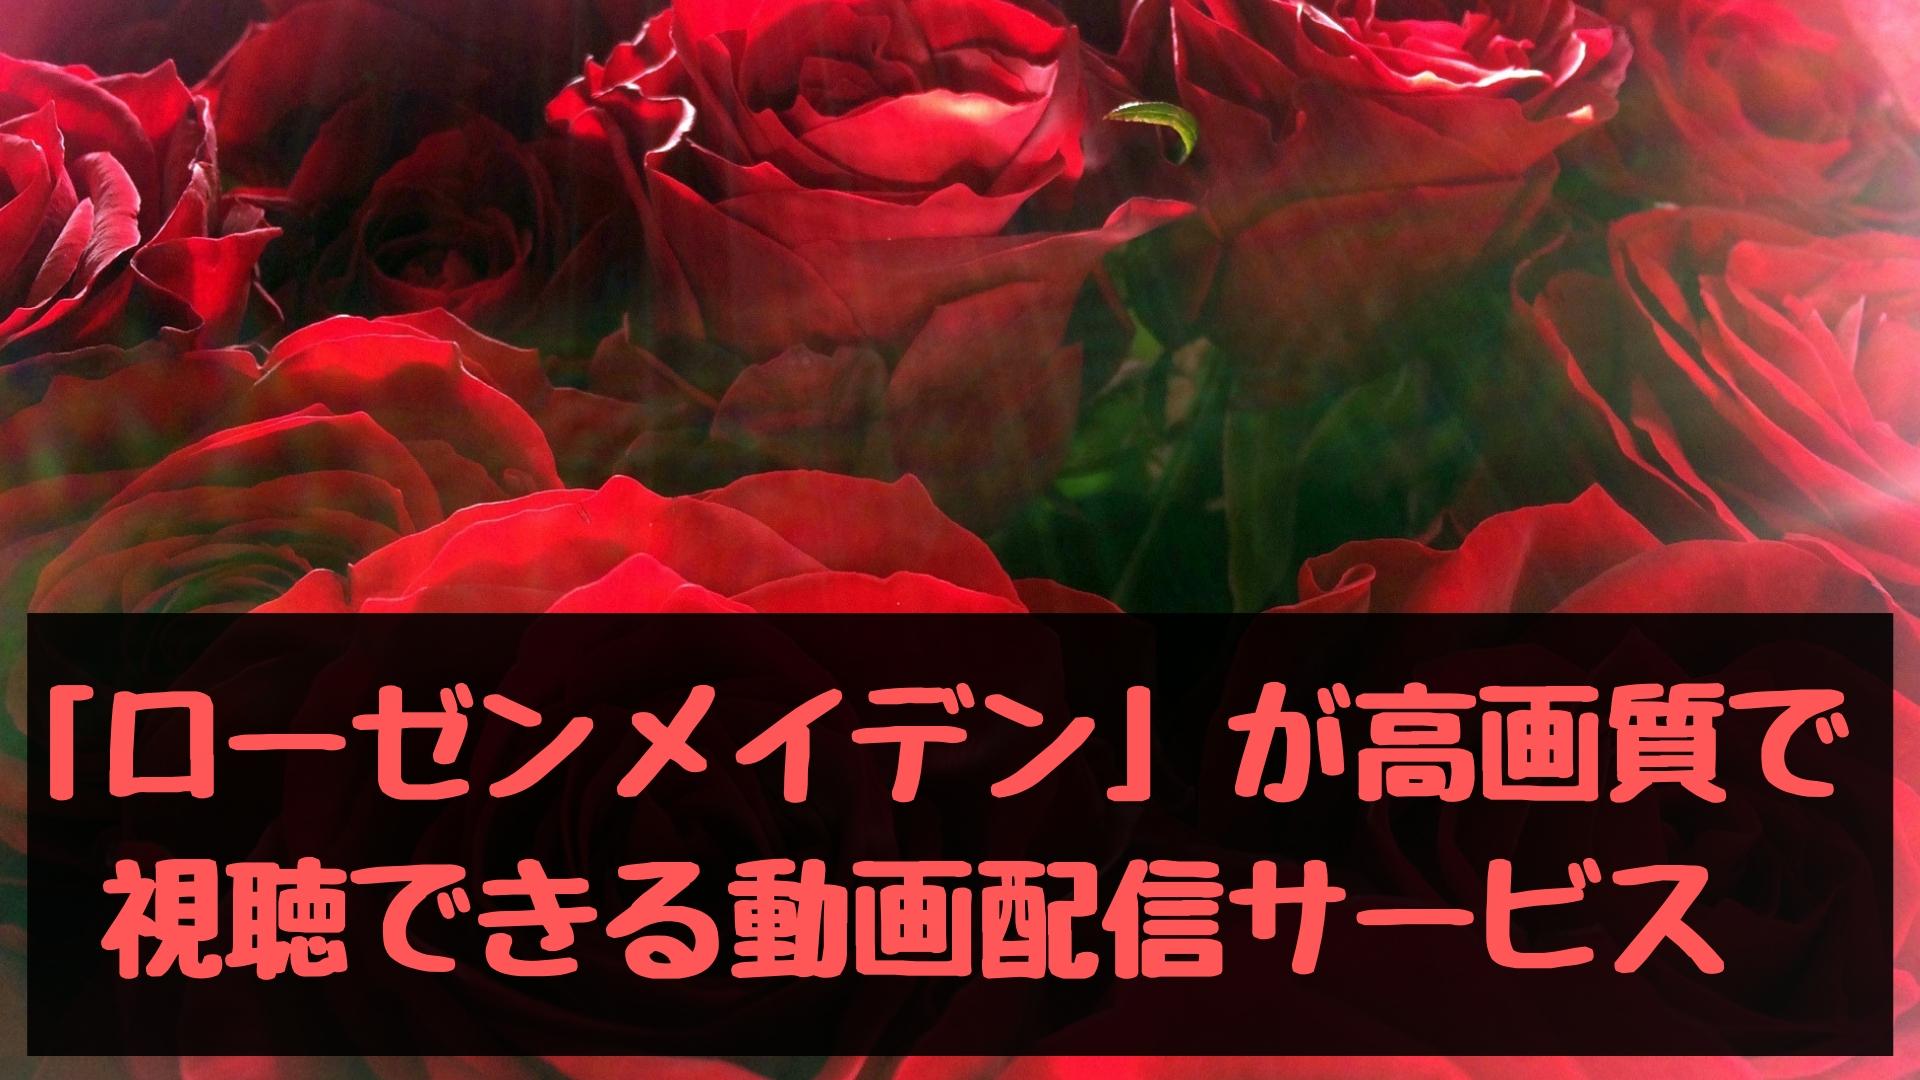 「ローゼンメイデン」の動画を全話高画質で視聴できる動画配信サービスまとめ!